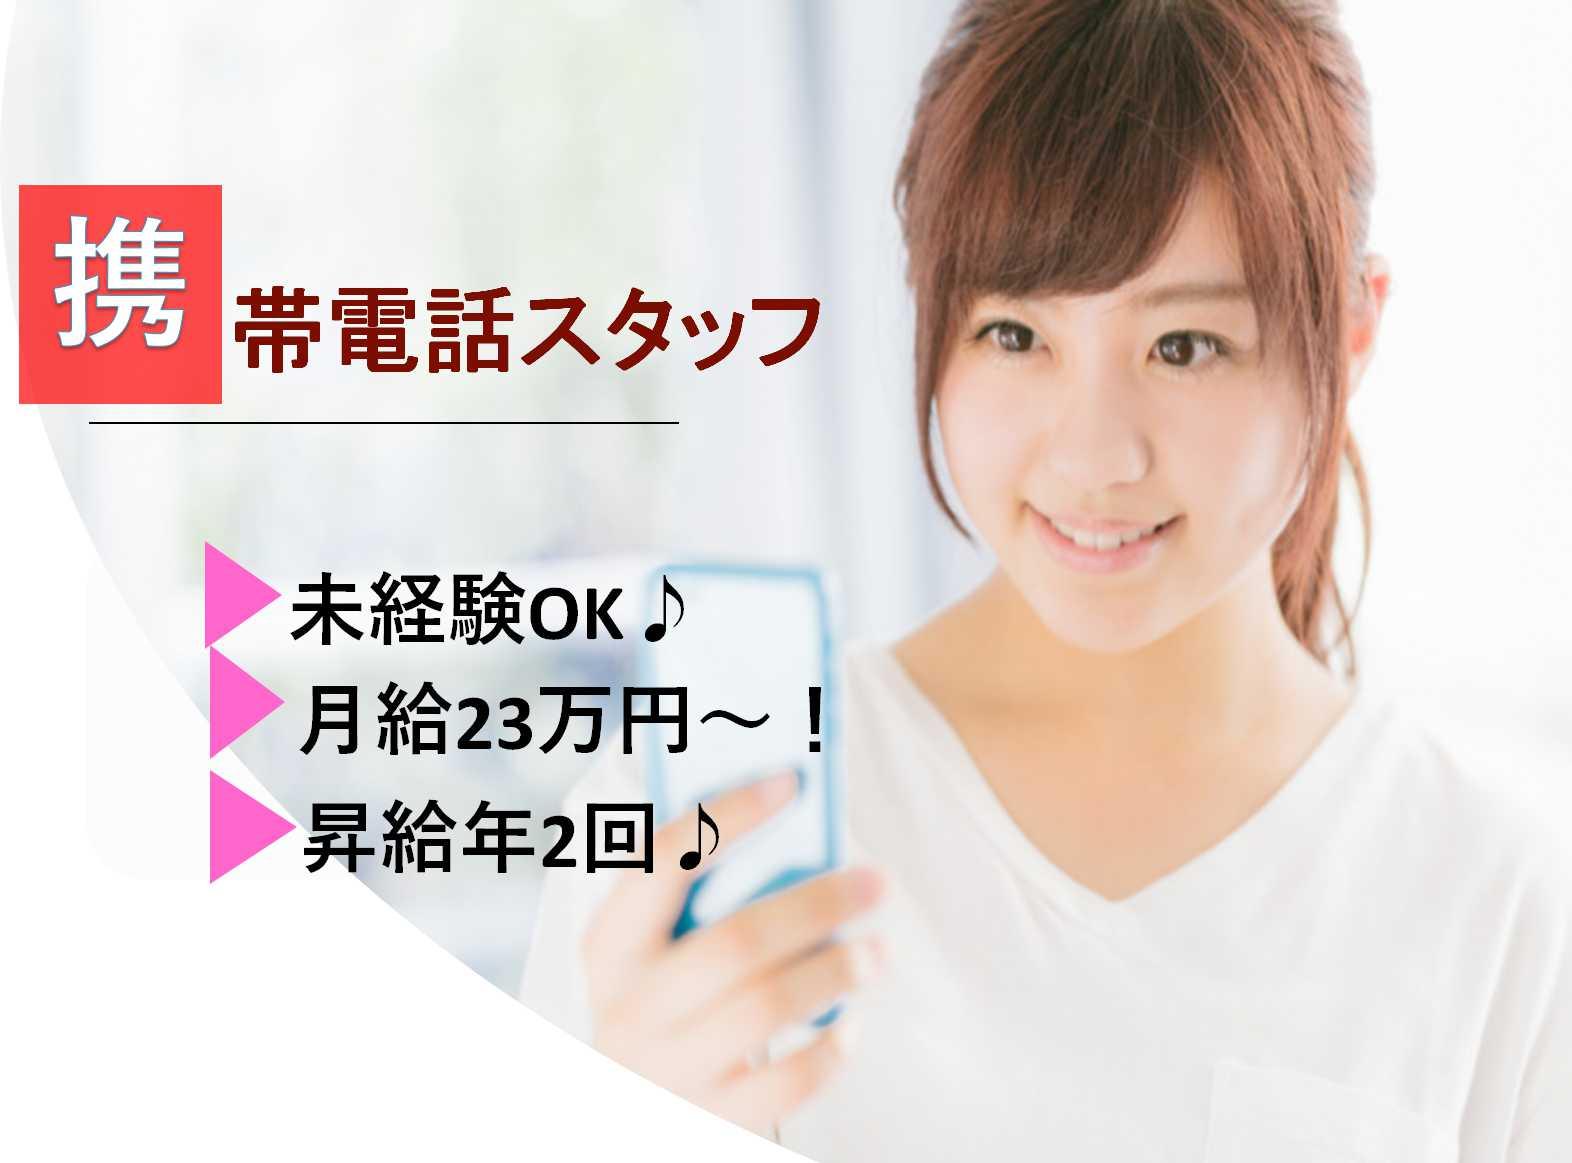 【名古屋市東区】月給23万円~♪昇給年2回あり!携帯電話スタッフ【即面談可能】 イメージ